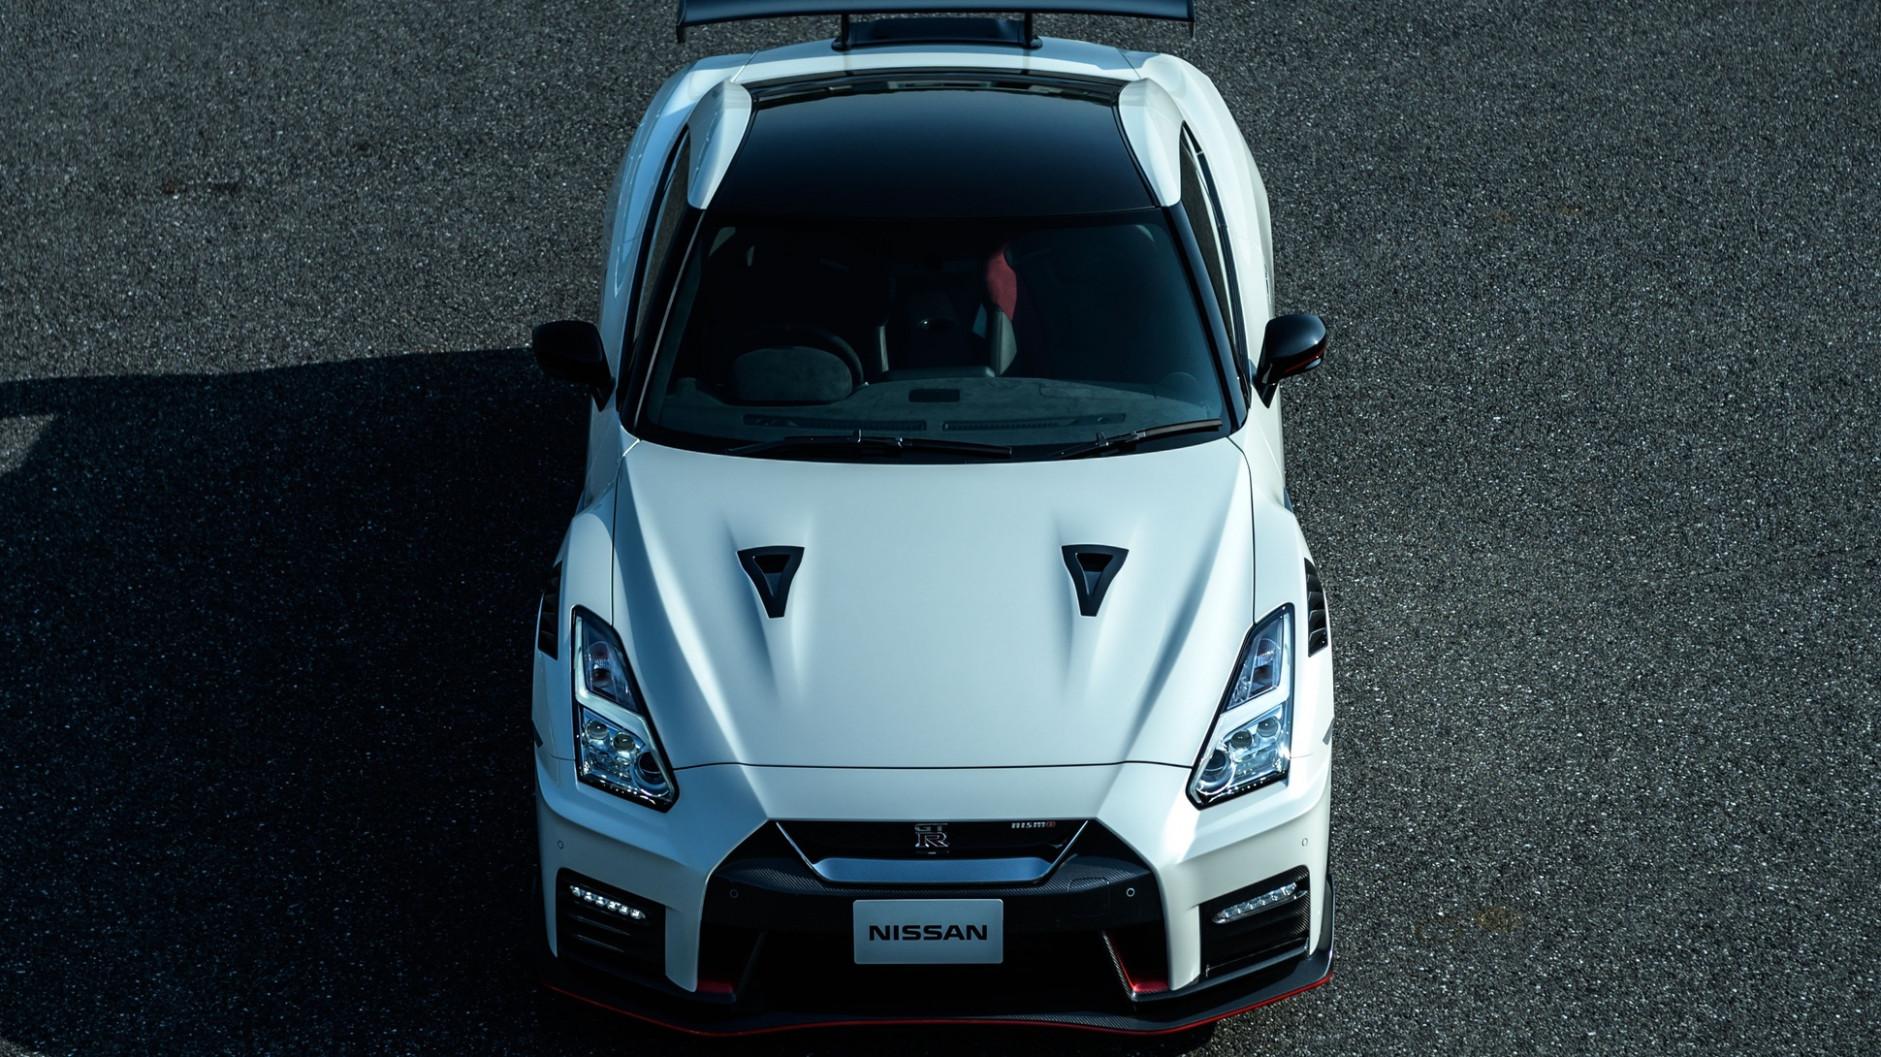 Photos 2022 Nissan Gt R